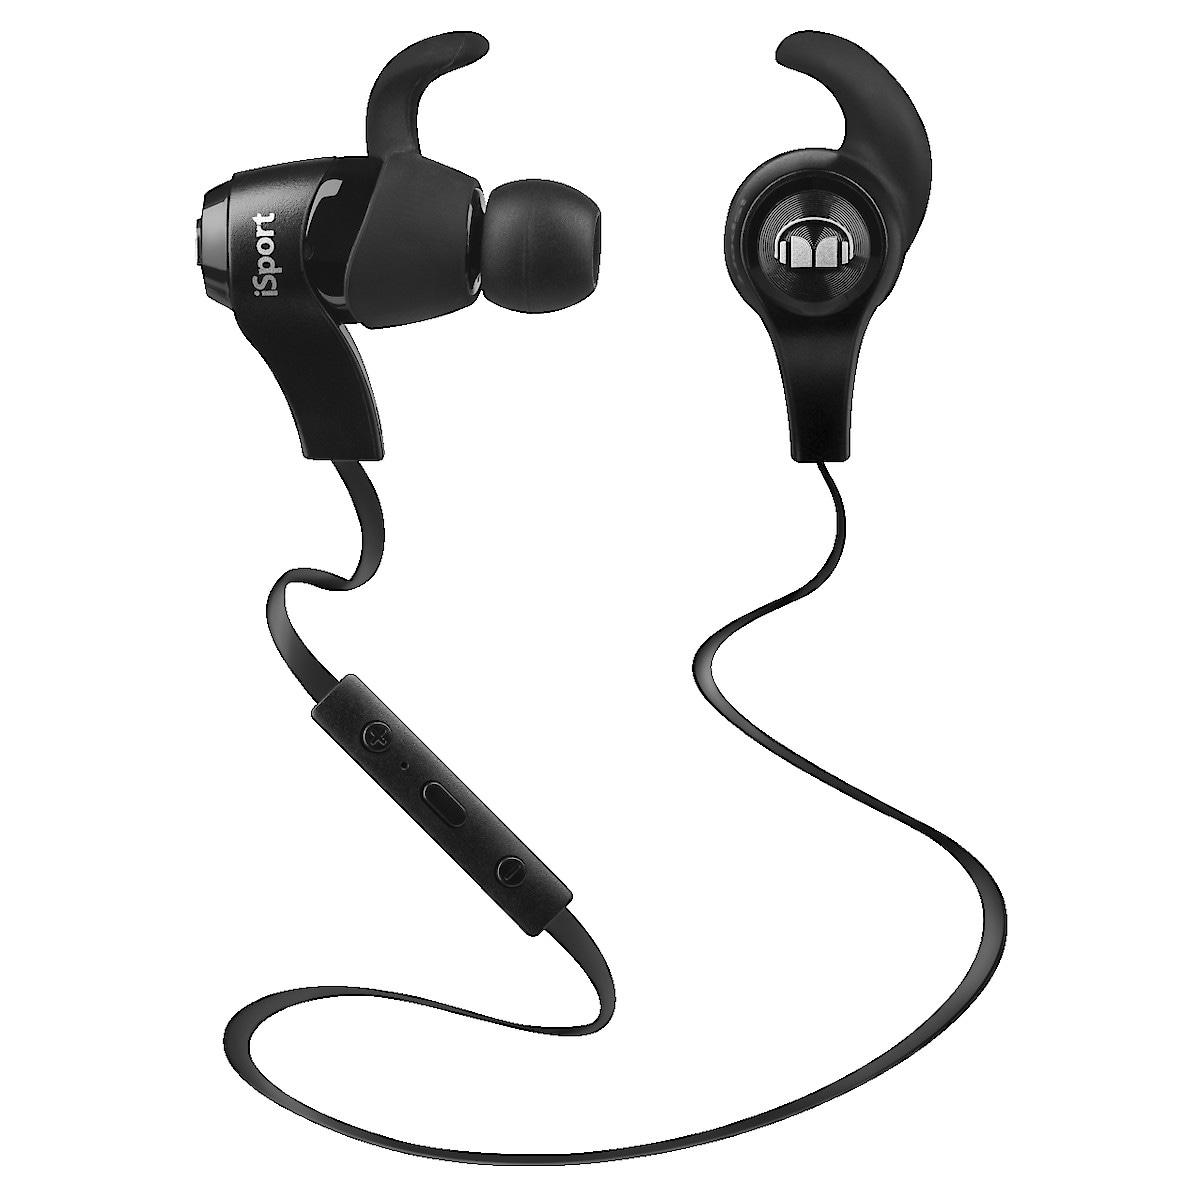 Trådlösa sporthörlurar med mikrofon Monster iSport Wireless